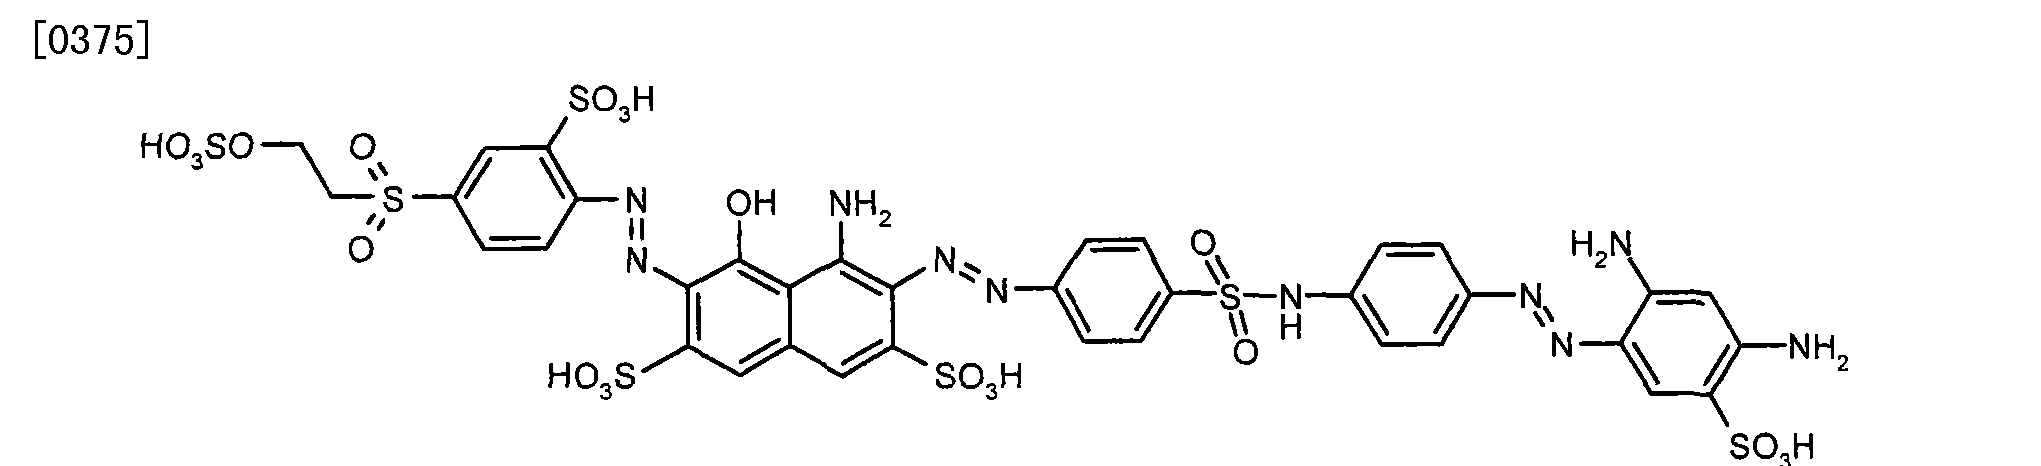 Figure CN101891967BD00401